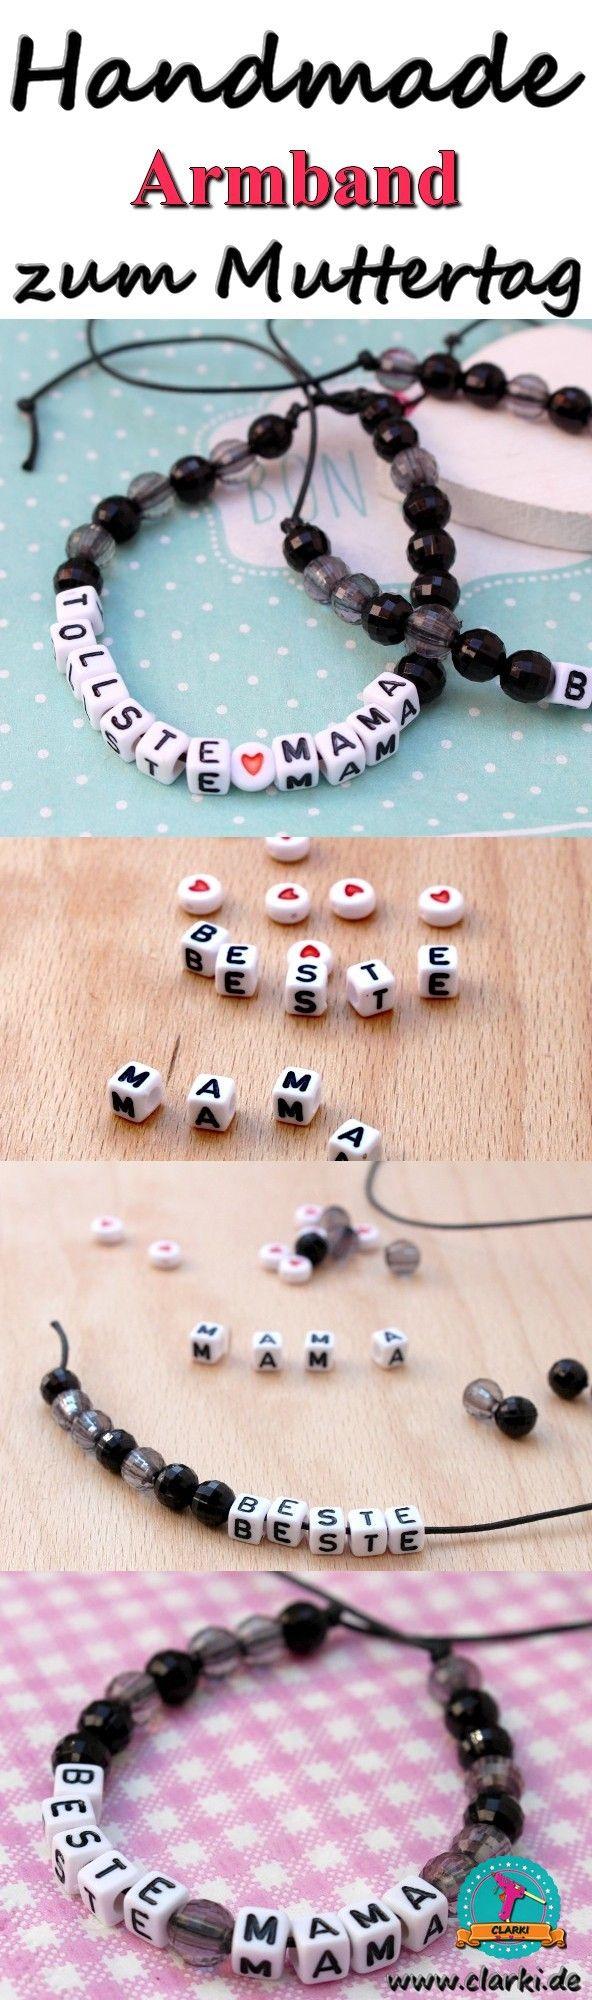 Mach deine Mama mit diesen 3 DIY-Ideen am glücklichsten! Aus Buchstabenperlen, Herzperlen, Lederschnur und Co. wird ein zauberhaftes Armband für deine Mom!